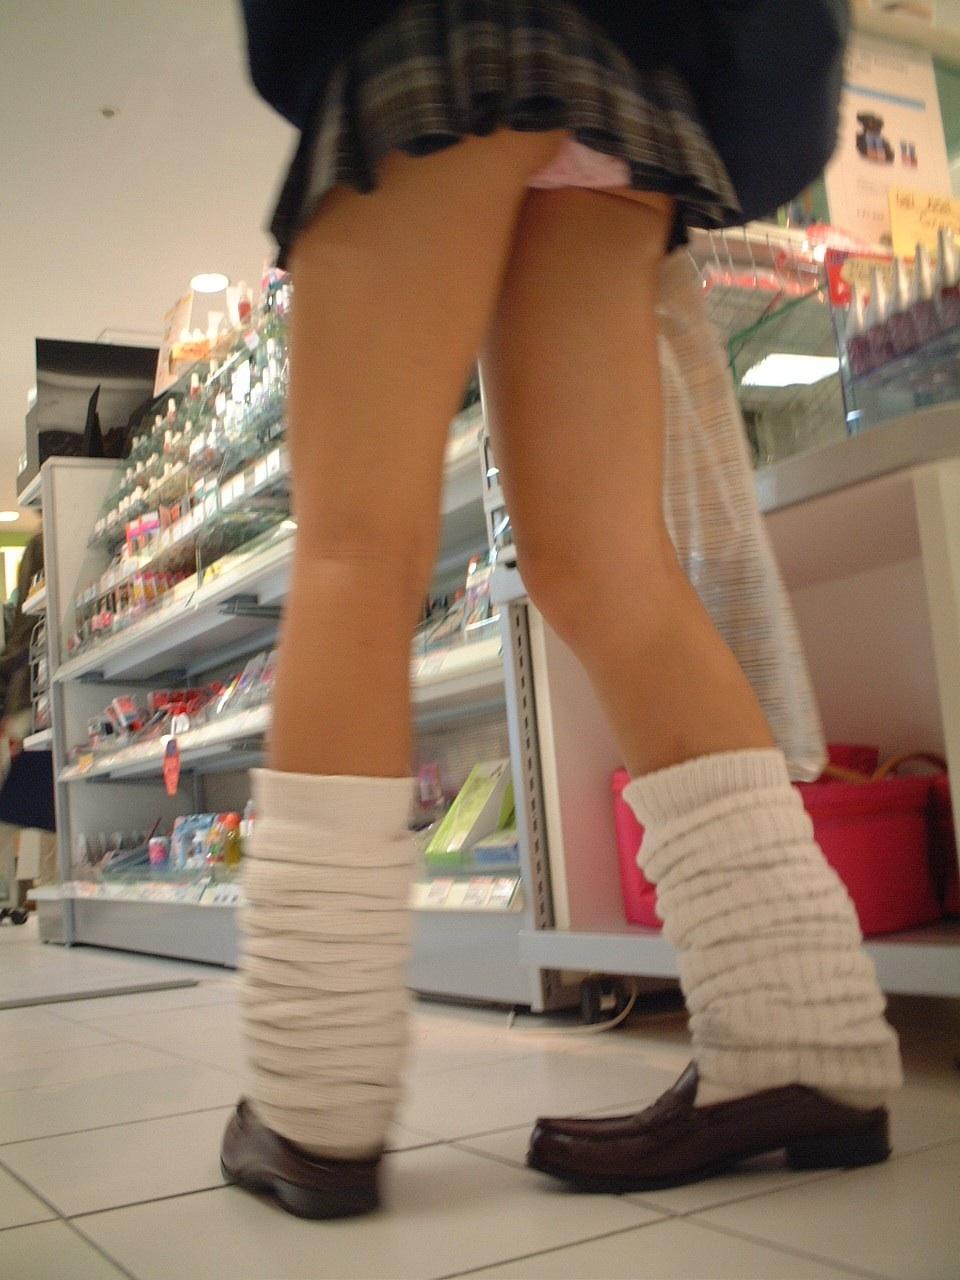 【パンチラ画像】見ろと言ってるような短すぎるスカートが多いからローアングル狙い! 17